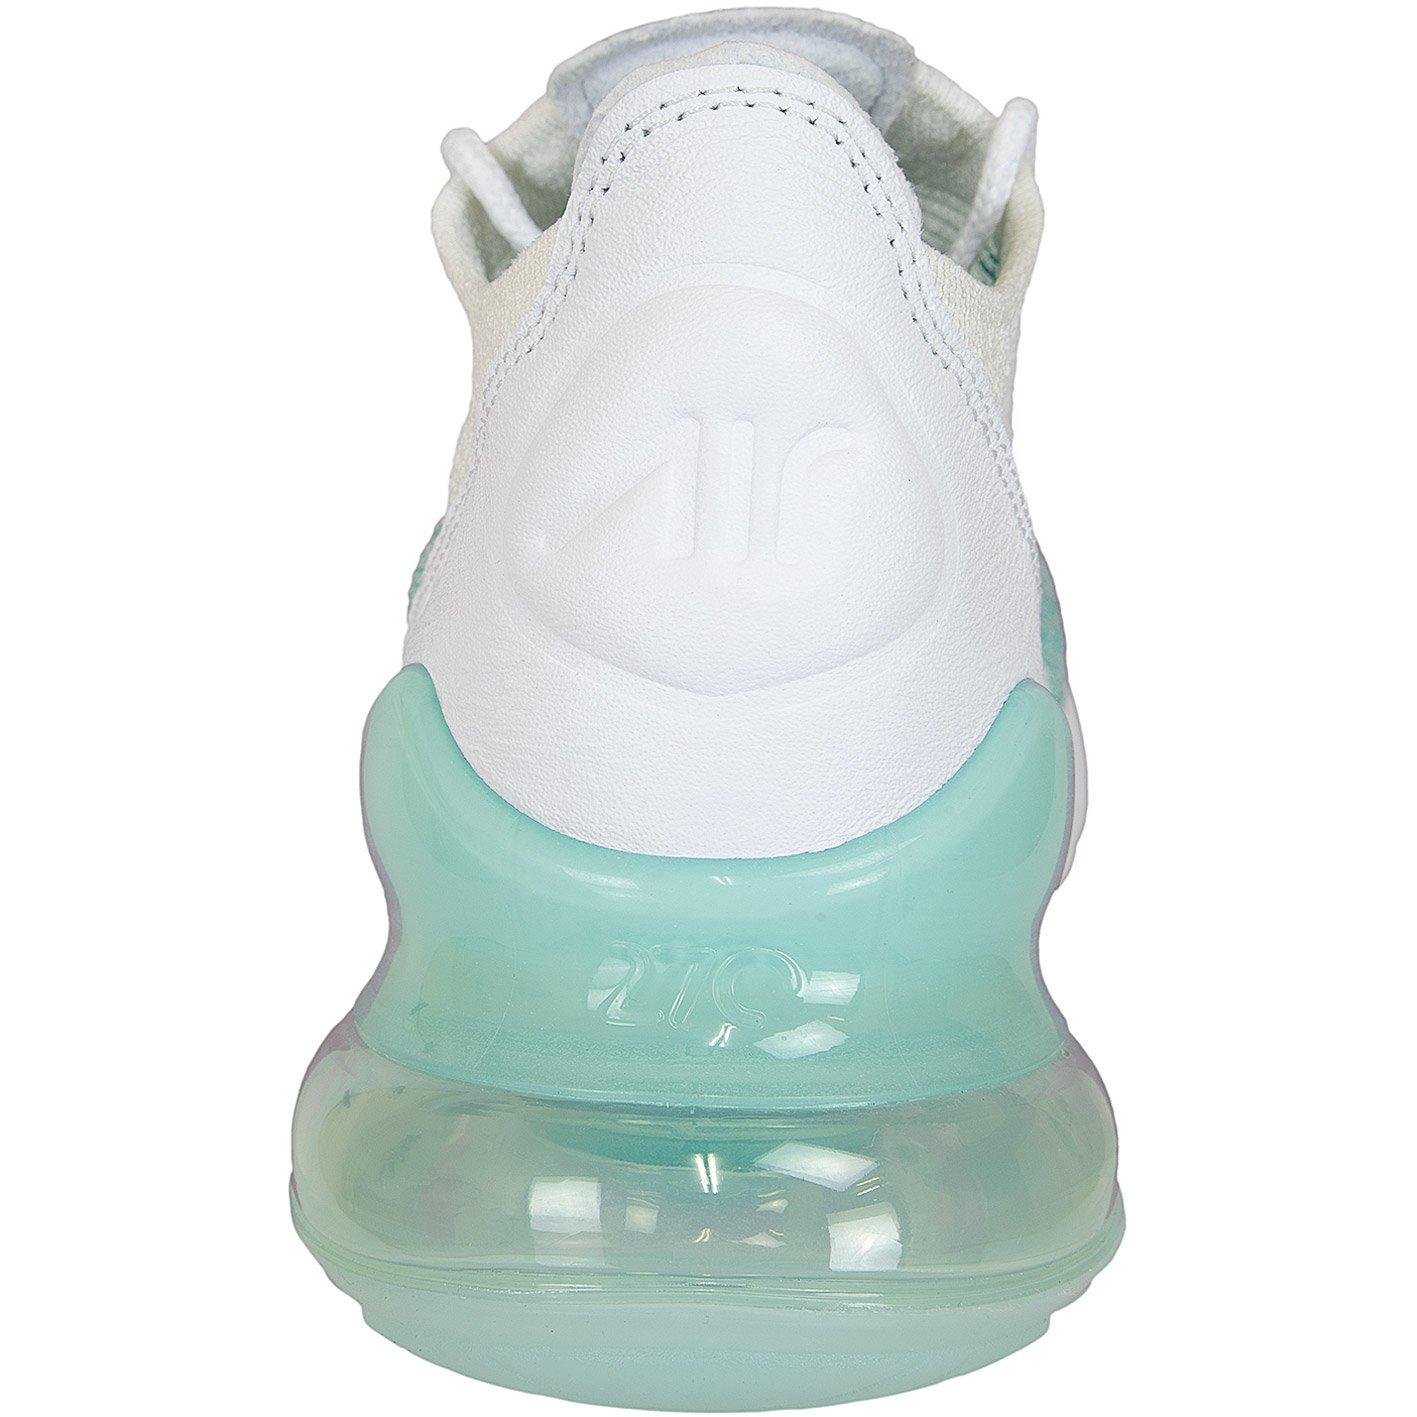 d9f64d85c Zapatillas de Deporte Mujer NIKE Air MAX 270 Flyknit en Tela Blanca y Verde  AH6803-301  Amazon.es  Zapatos y complementos